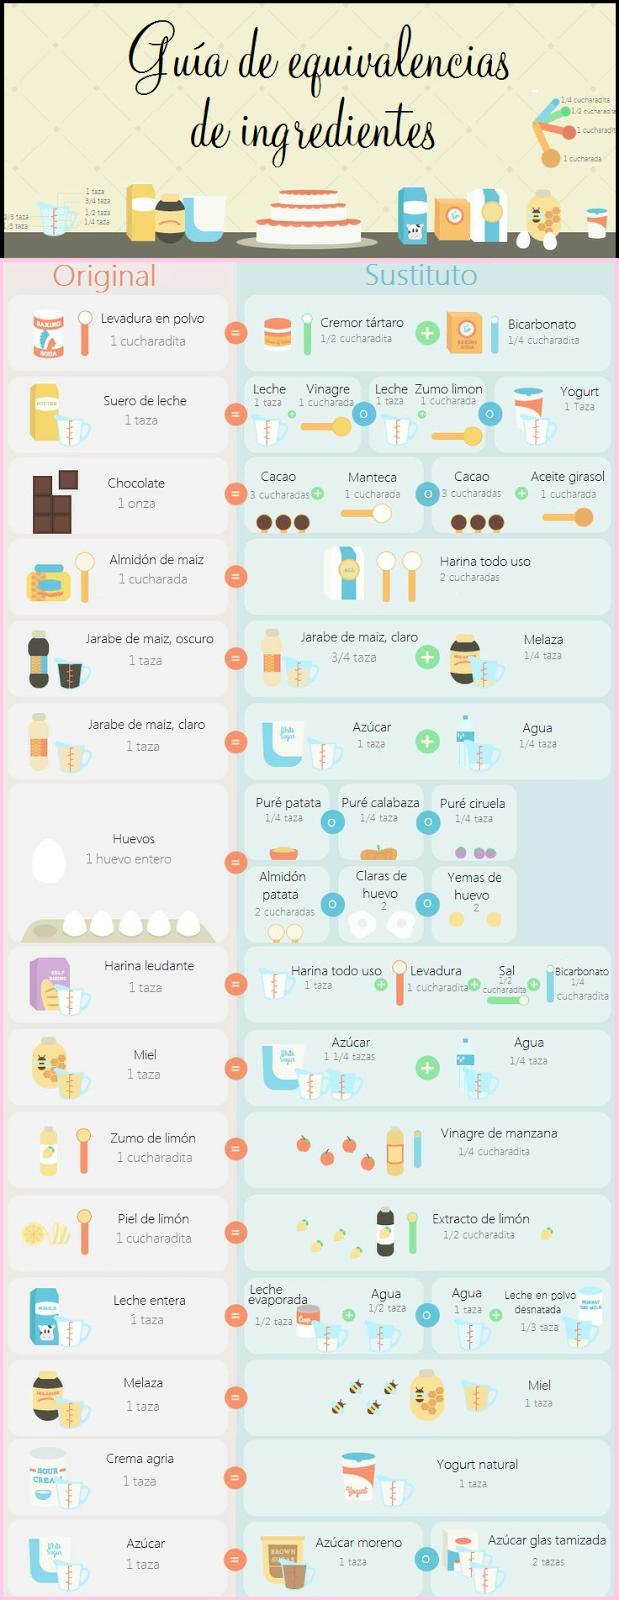 Guía de equivalencia de ingredientes